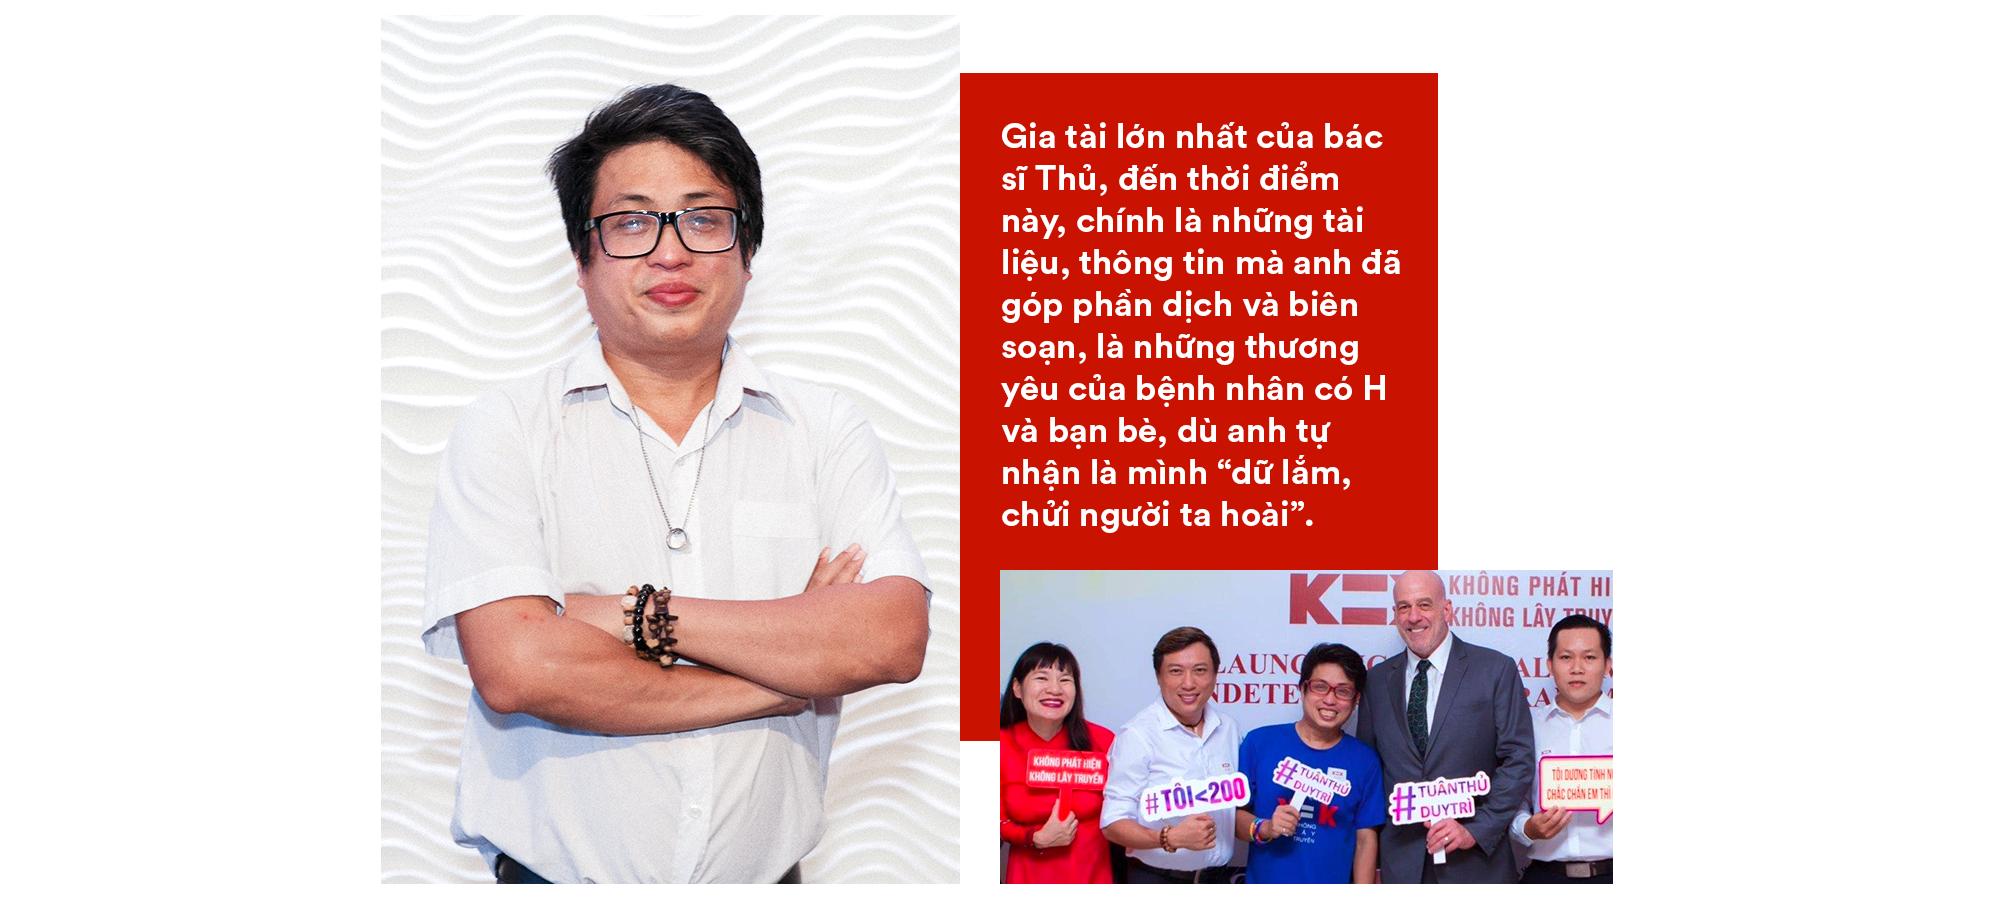 Hai thủ lĩnh tinh thần của người có HIV Việt Nam: Tại sao khi bị ung thư, người ta có thể tự tin la lên với cả thế giới và được yêu thương vô ngần, HIV thì không? - Ảnh 13.